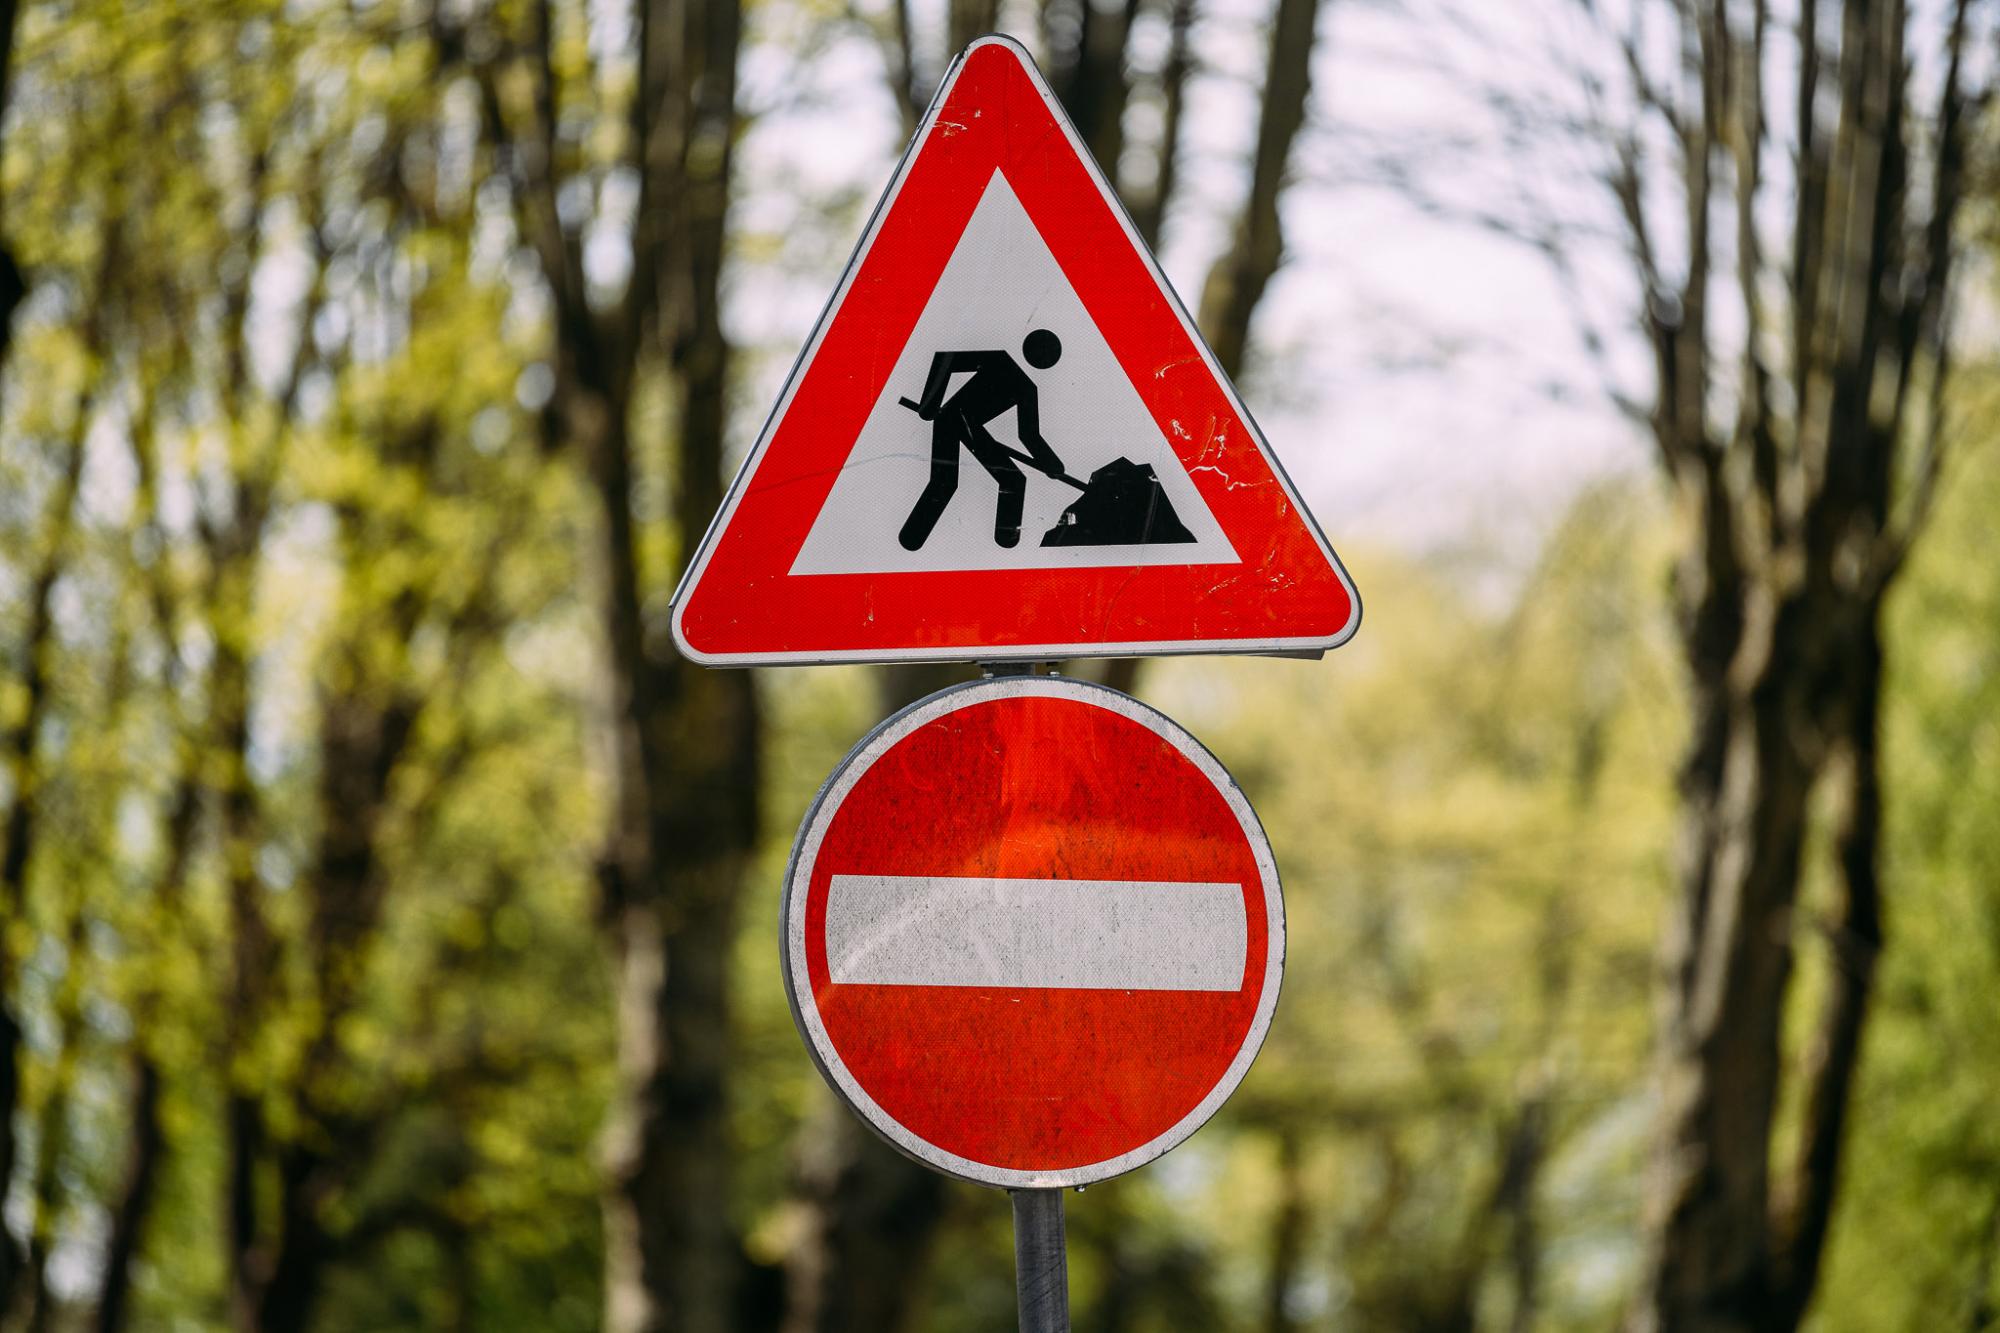 Будут ограничения движения на улице Ригас возле Трамвайного моста